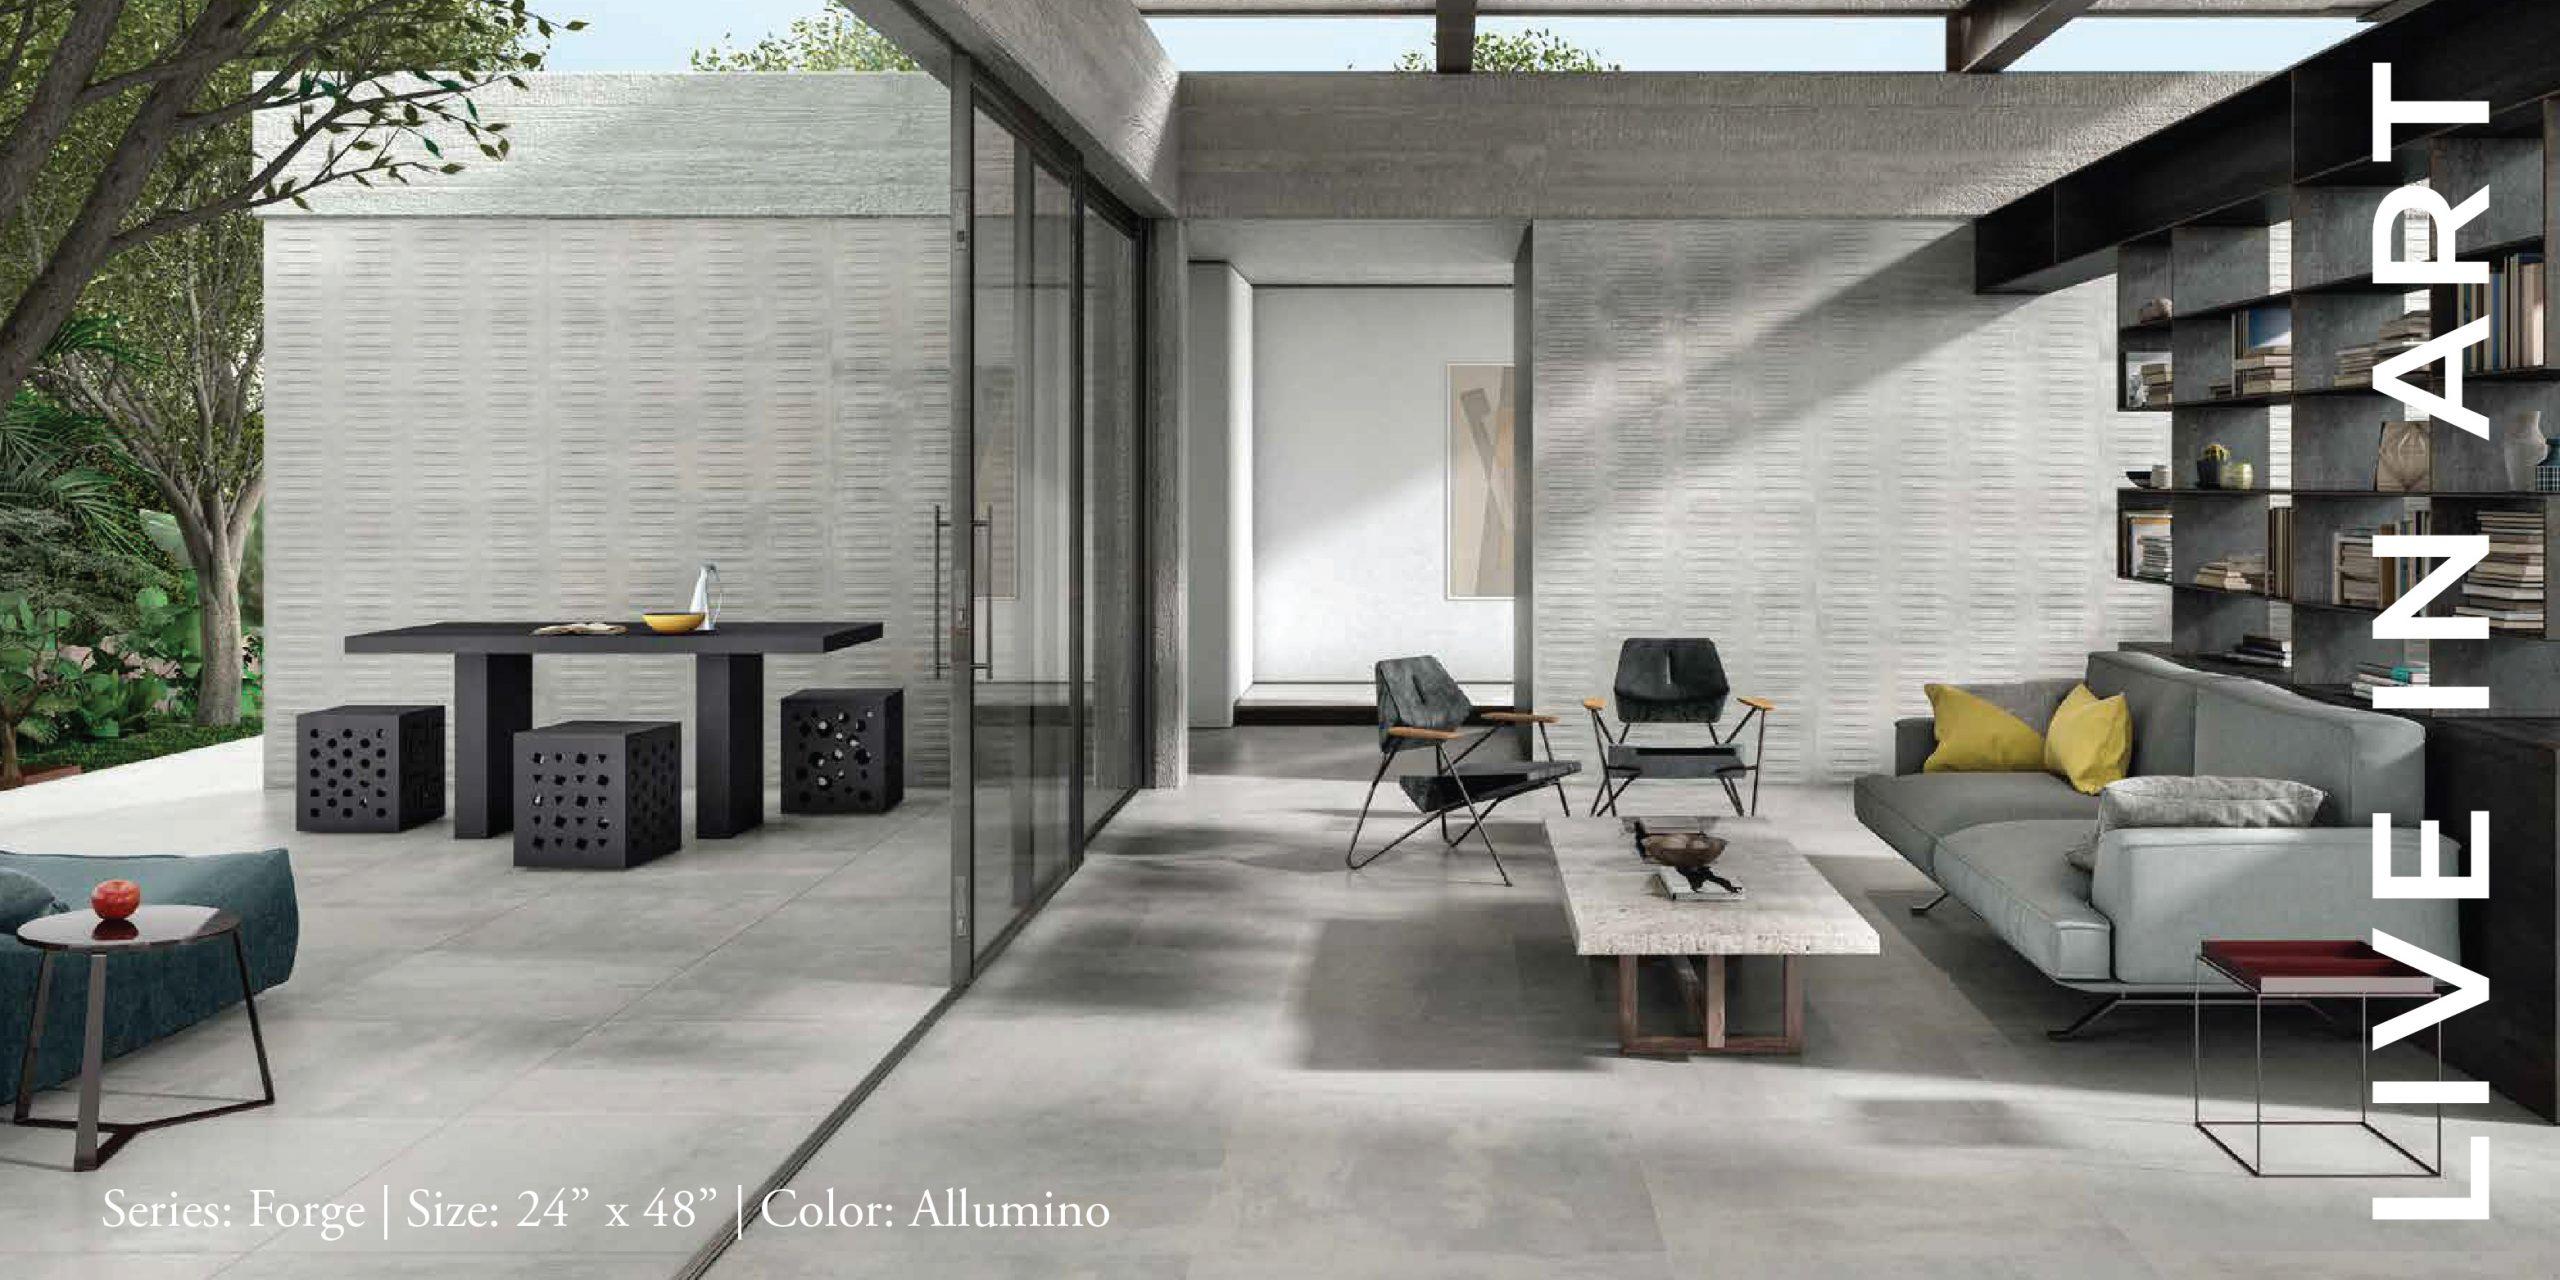 Forge Alluminio 24x48-01